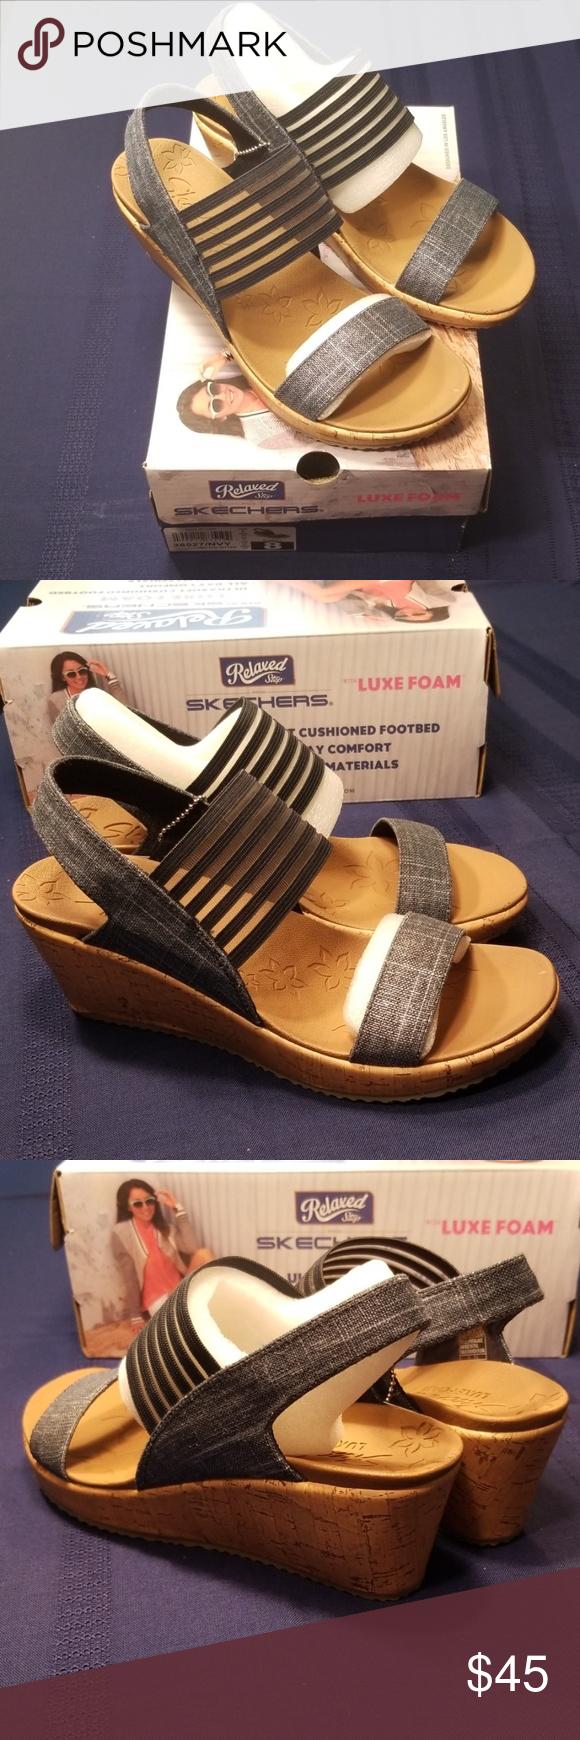 New Skechers Beverlee Smitten Kitten In Navy Blue Skechers Comfortable Sandals Skechers Shoes